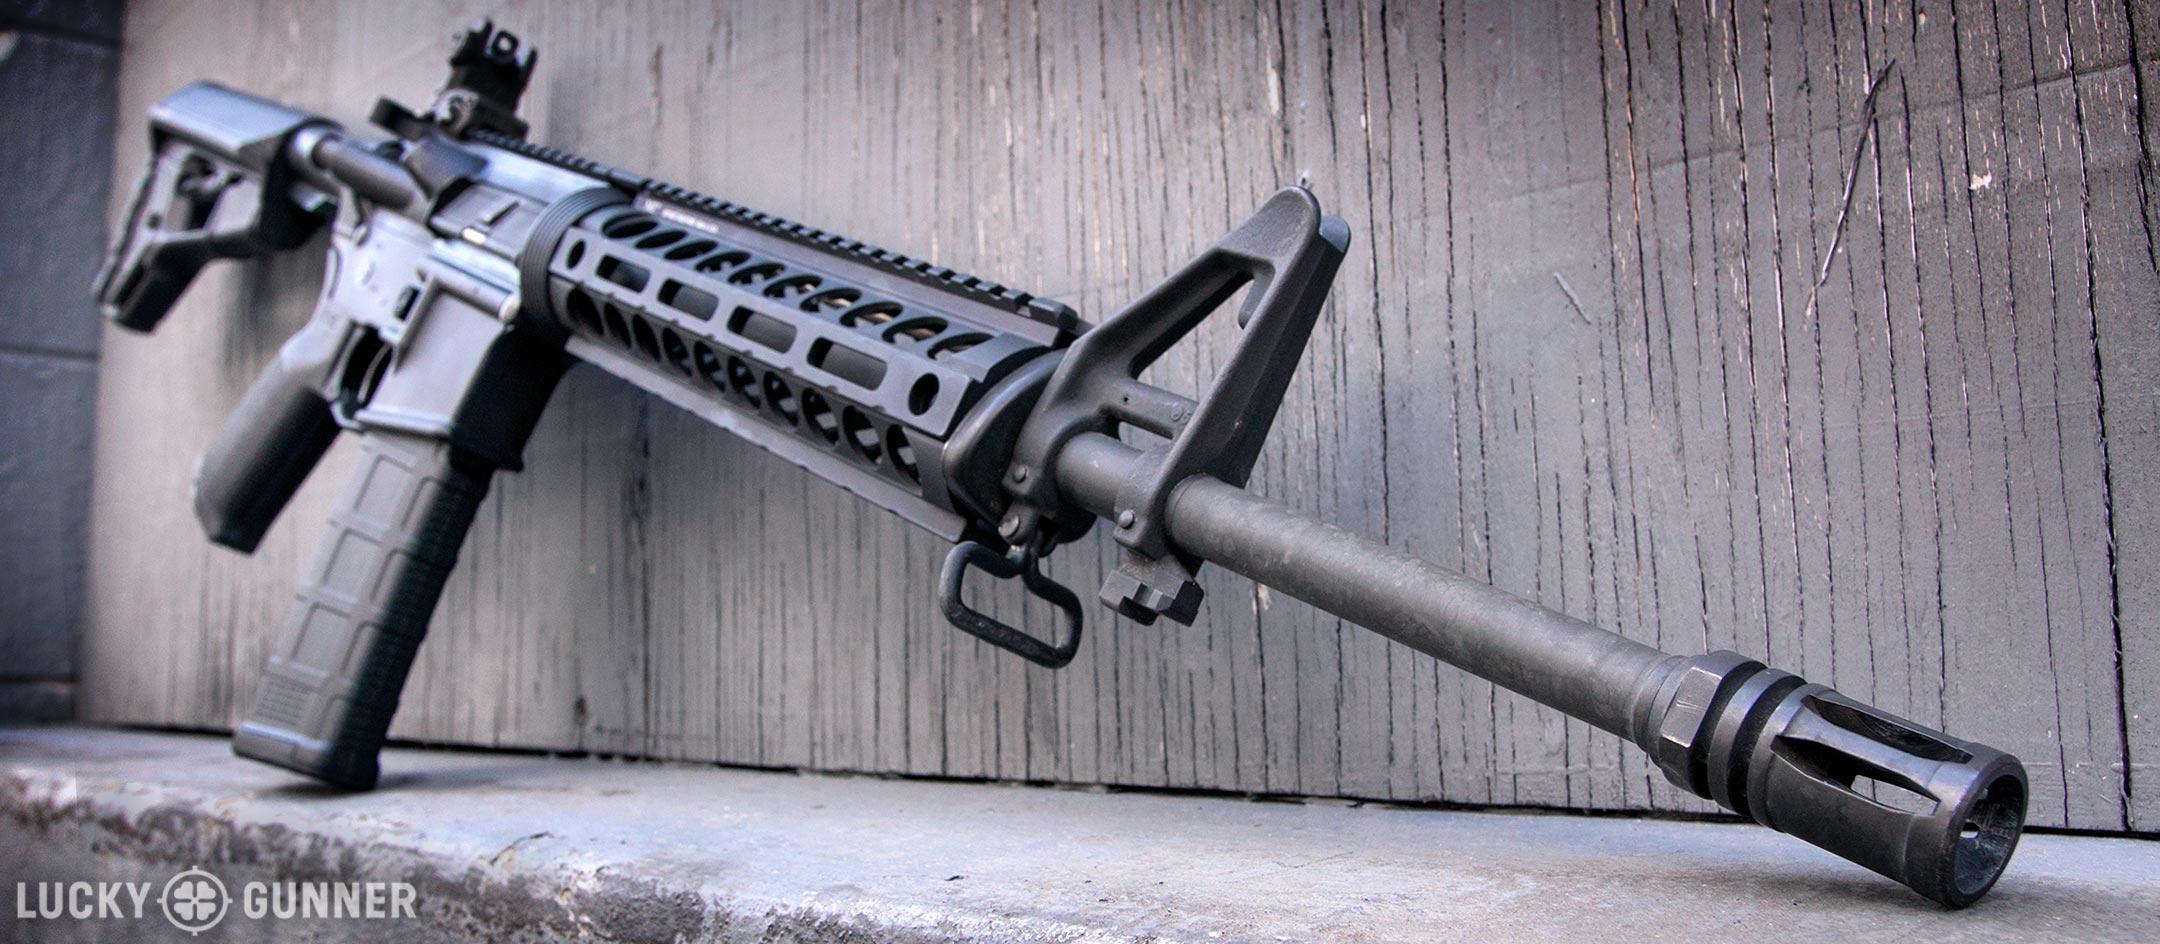 How to Use an AR-15